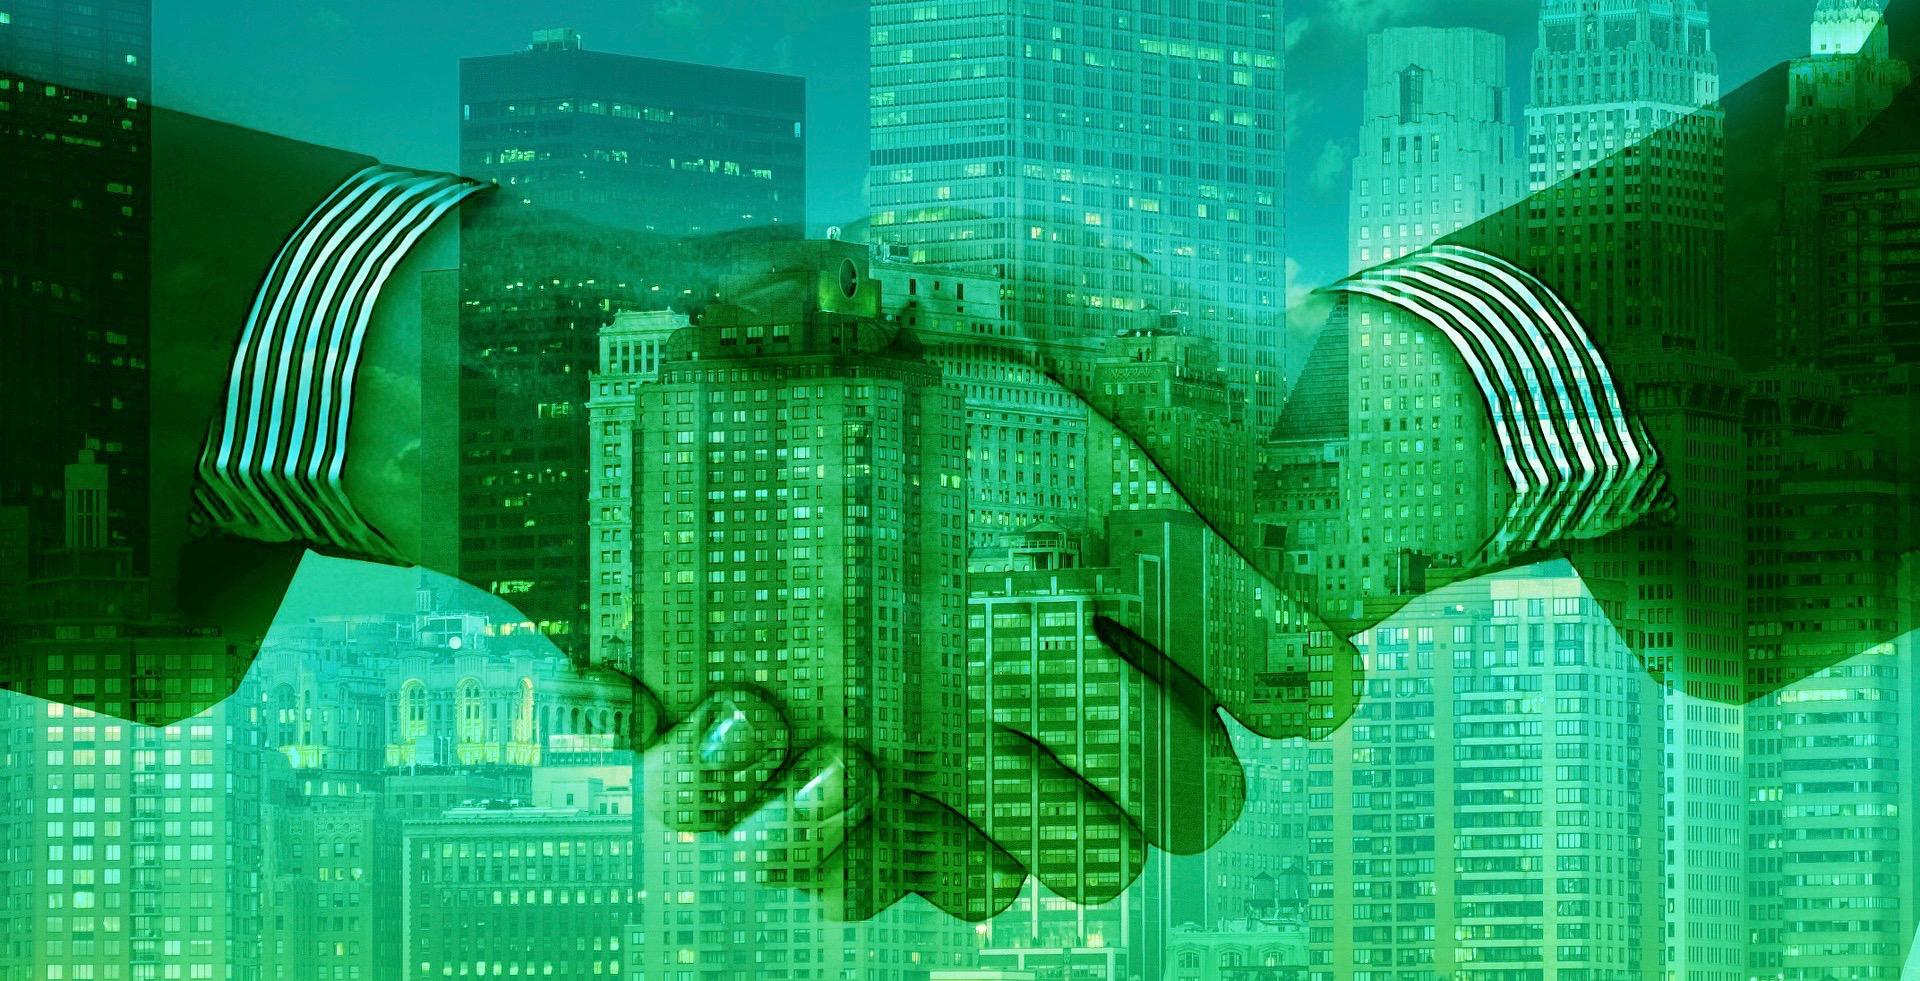 Комментарий Группы компаний E.Connect к приобретению шахт «Ростовская» и «Замчаловская»